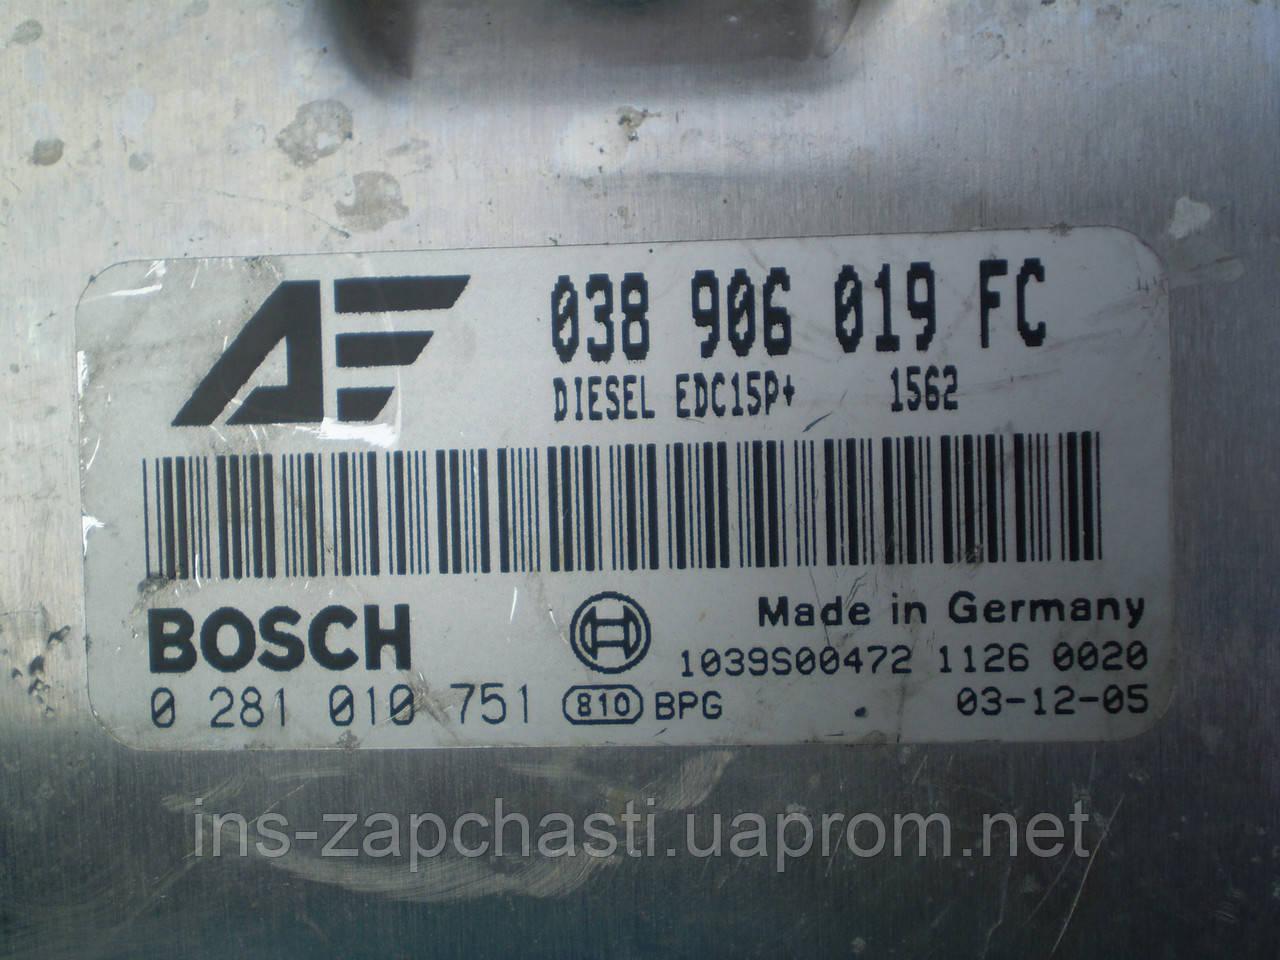 VAG 038 906 019 FC Блок упраления дизельного двигателя Alhambra Sharan